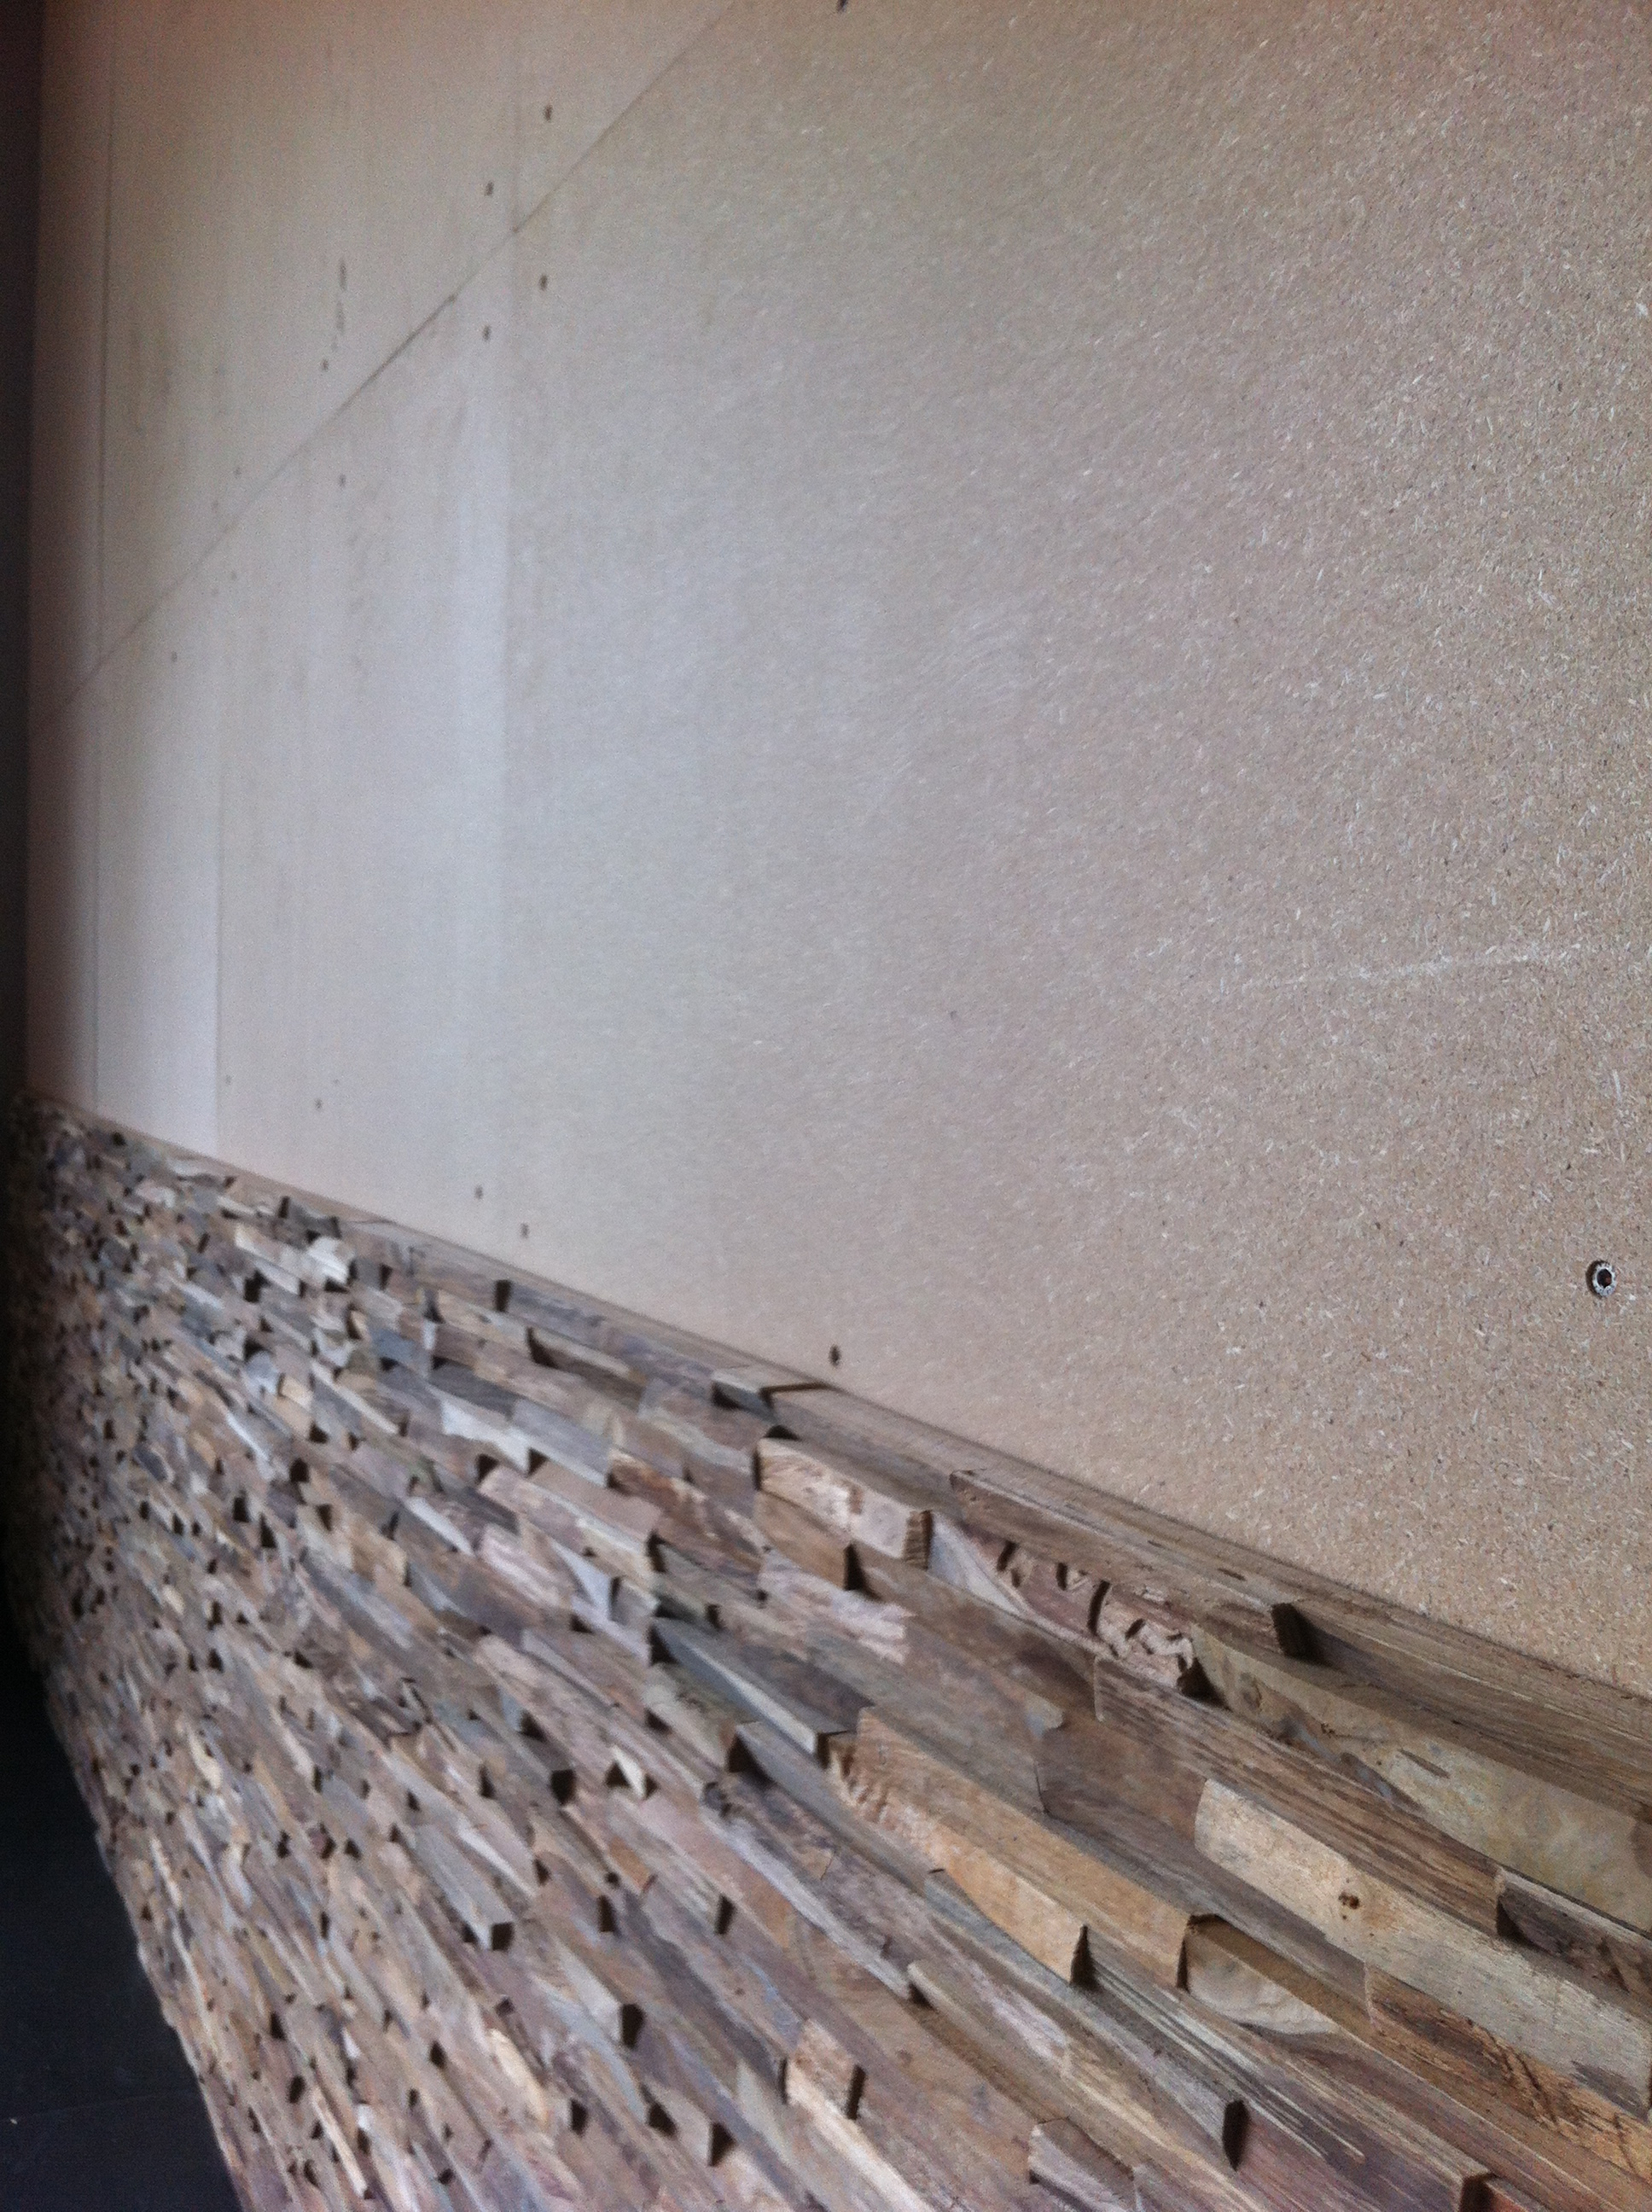 Wandverkleidung Holz erste Reihen geklebt